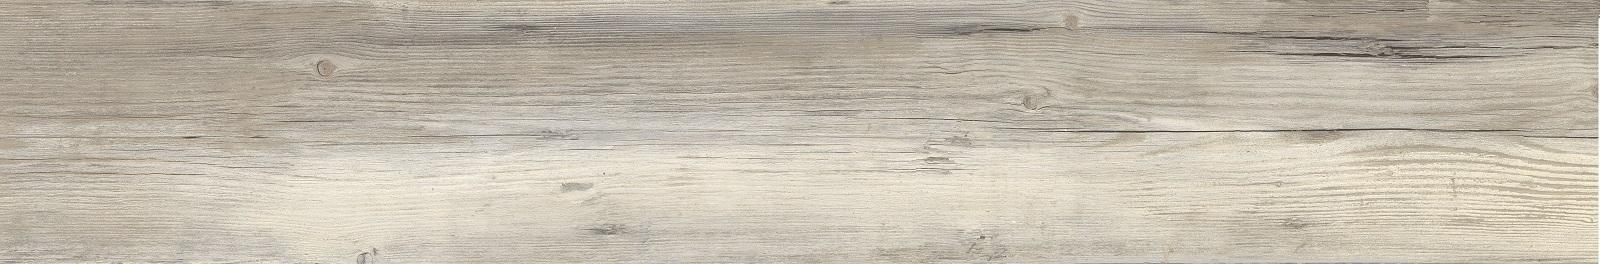 Плитка Legno Grigio (zzxlv8r) изображение 2